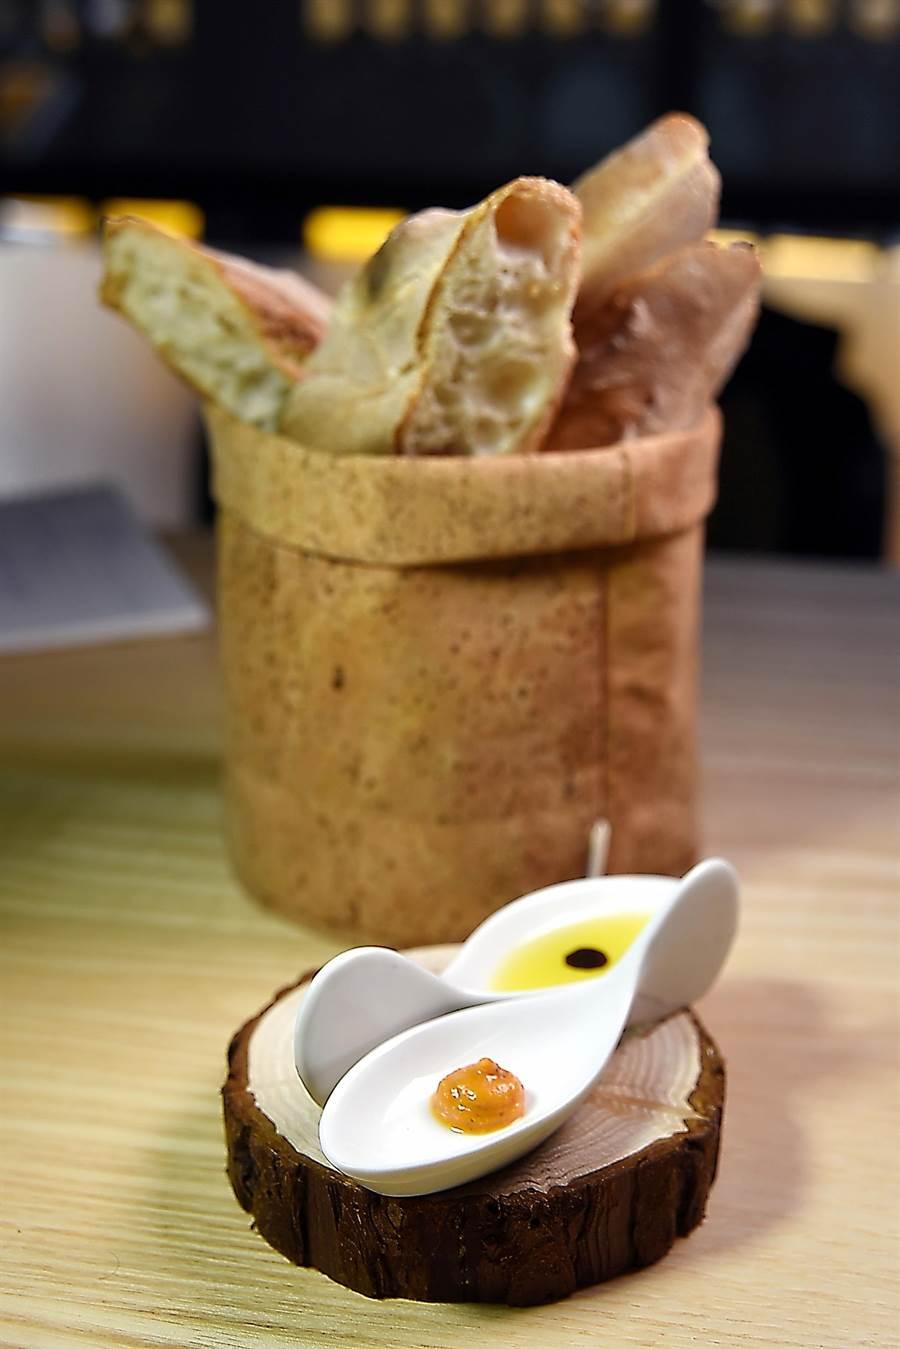 西班牙傳統麵包的表皮很酥脆,內裡則很鬆軟,〈隱丹廚〉周日套餐可以吃得到。(圖/姚舜攝)